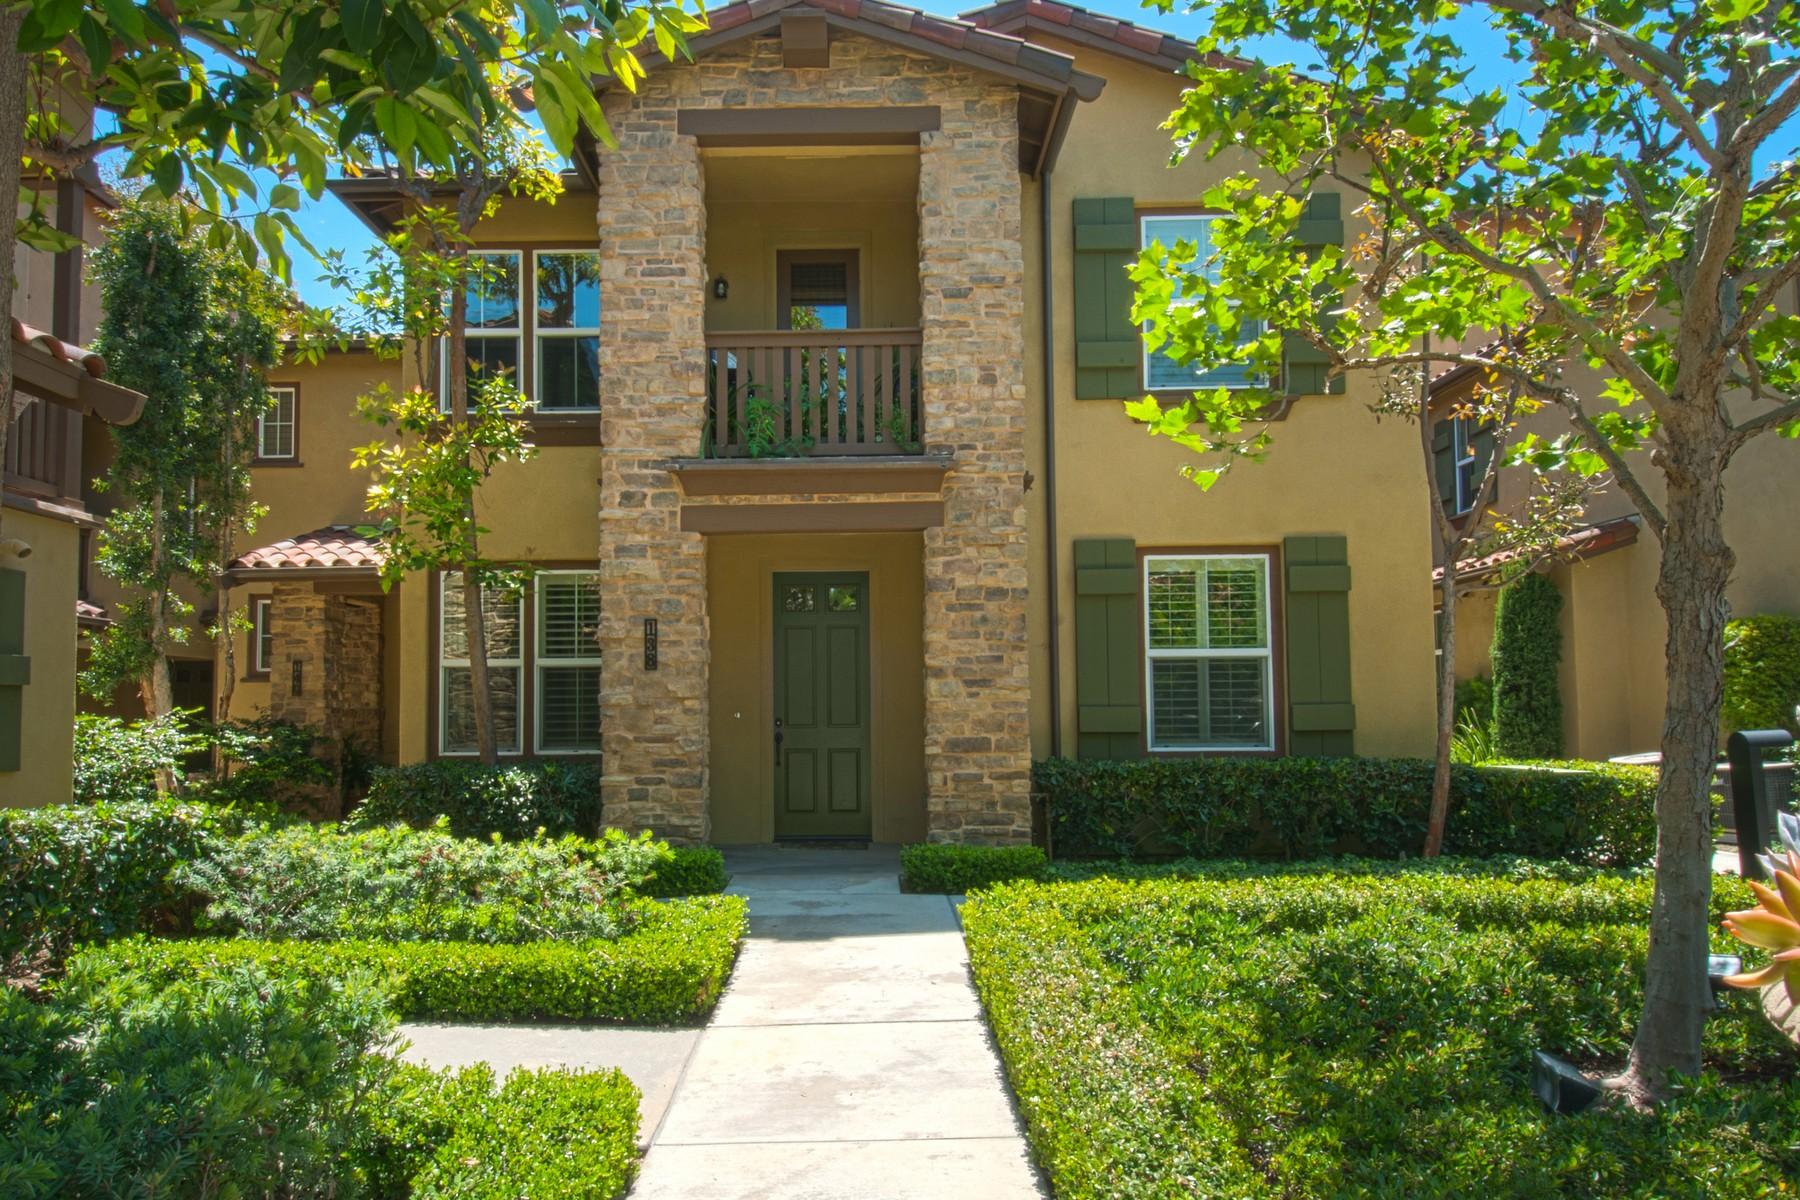 Кооперативная квартира для того Продажа на 138 Coral Rose Irvine, Калифорния 92603 Соединенные Штаты